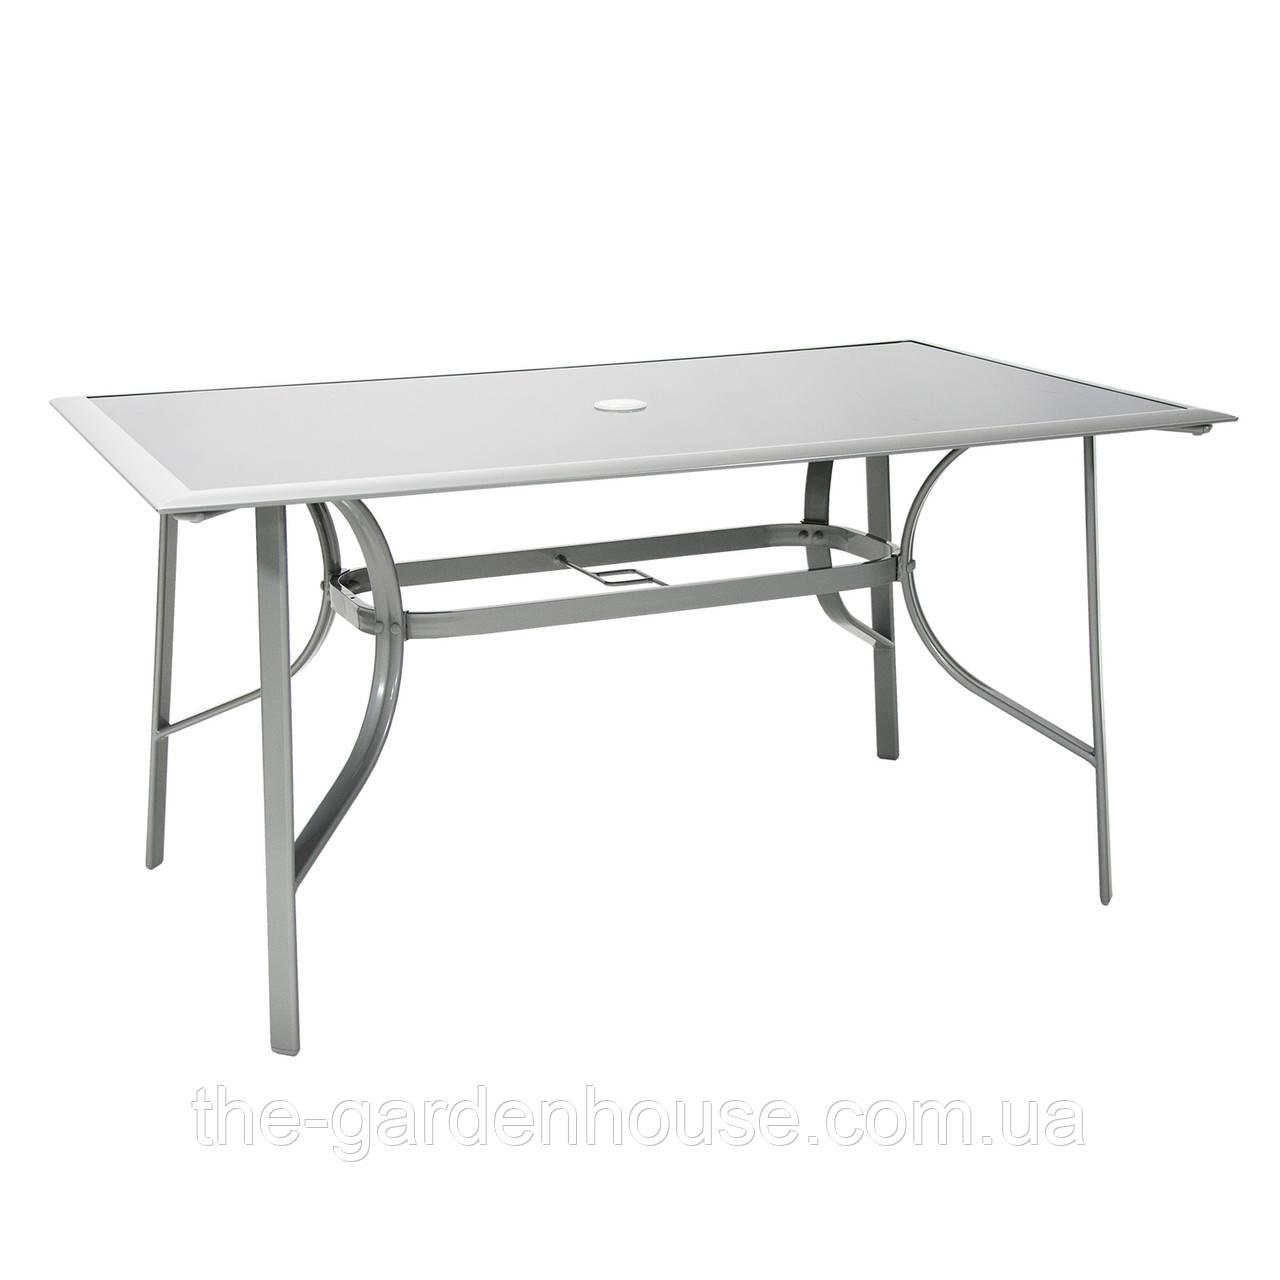 Садовый стол DENVER со стеклом 148х88 см